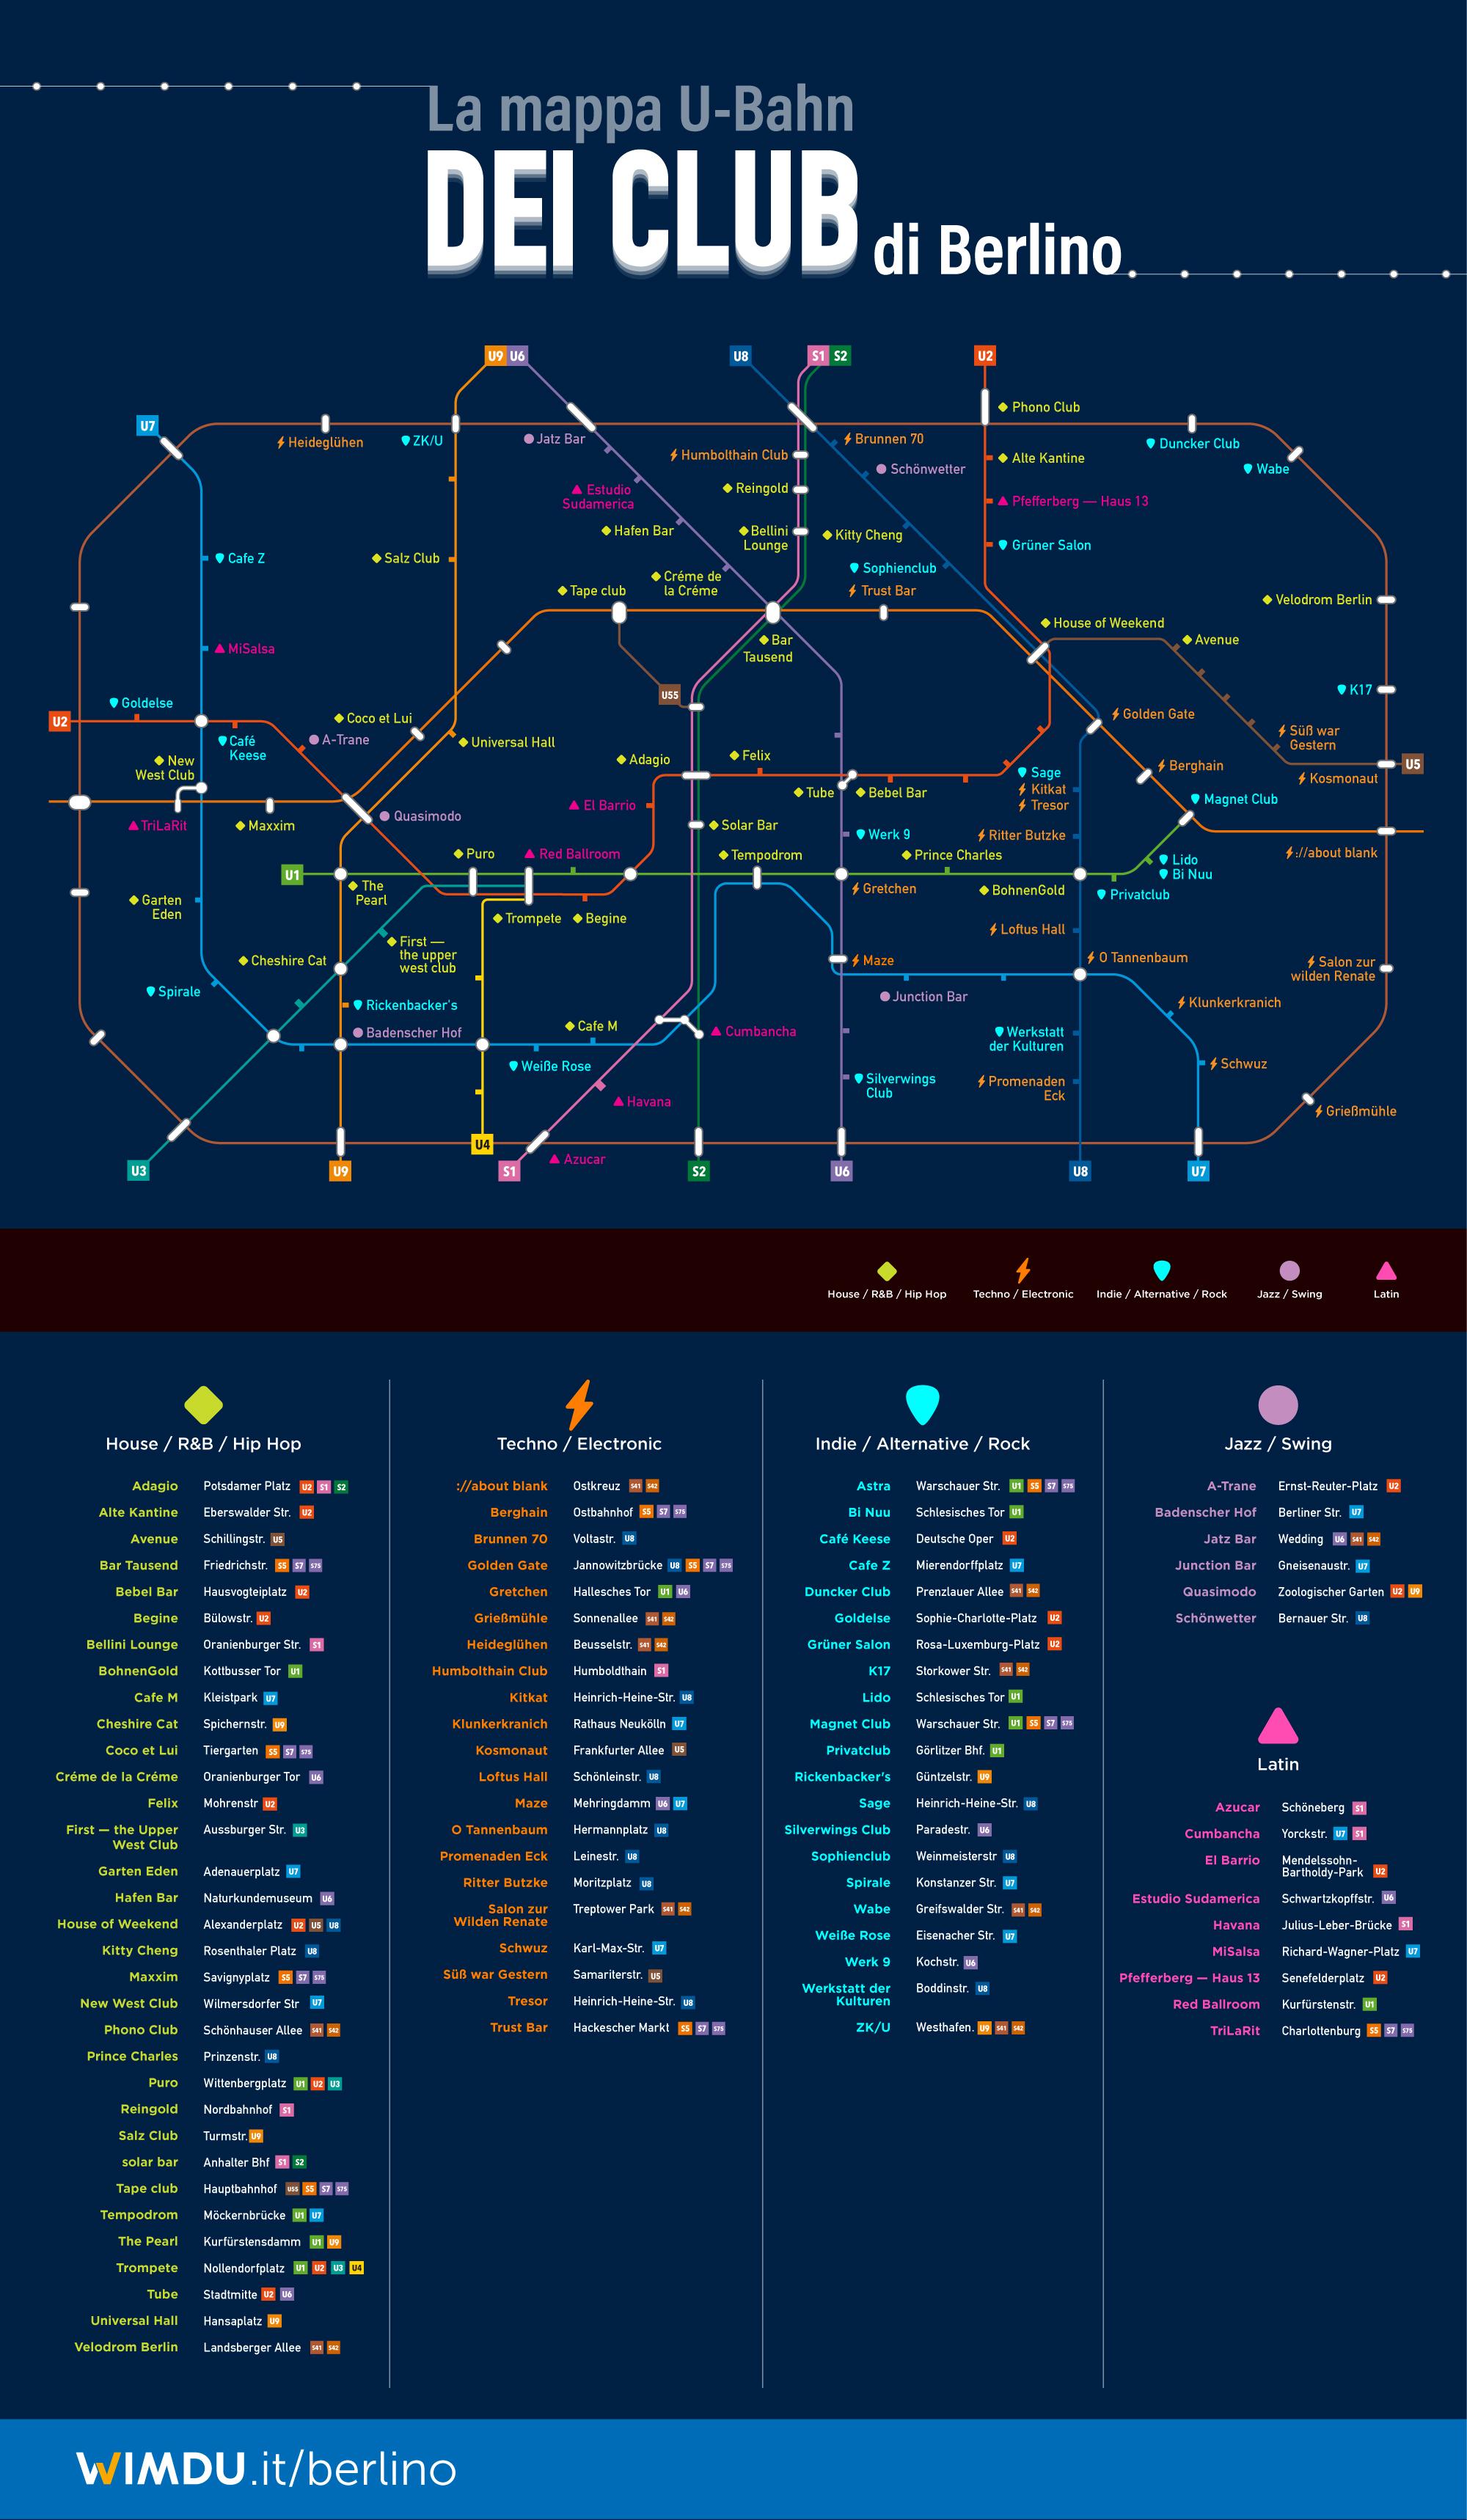 La mappa dei club di Berlino